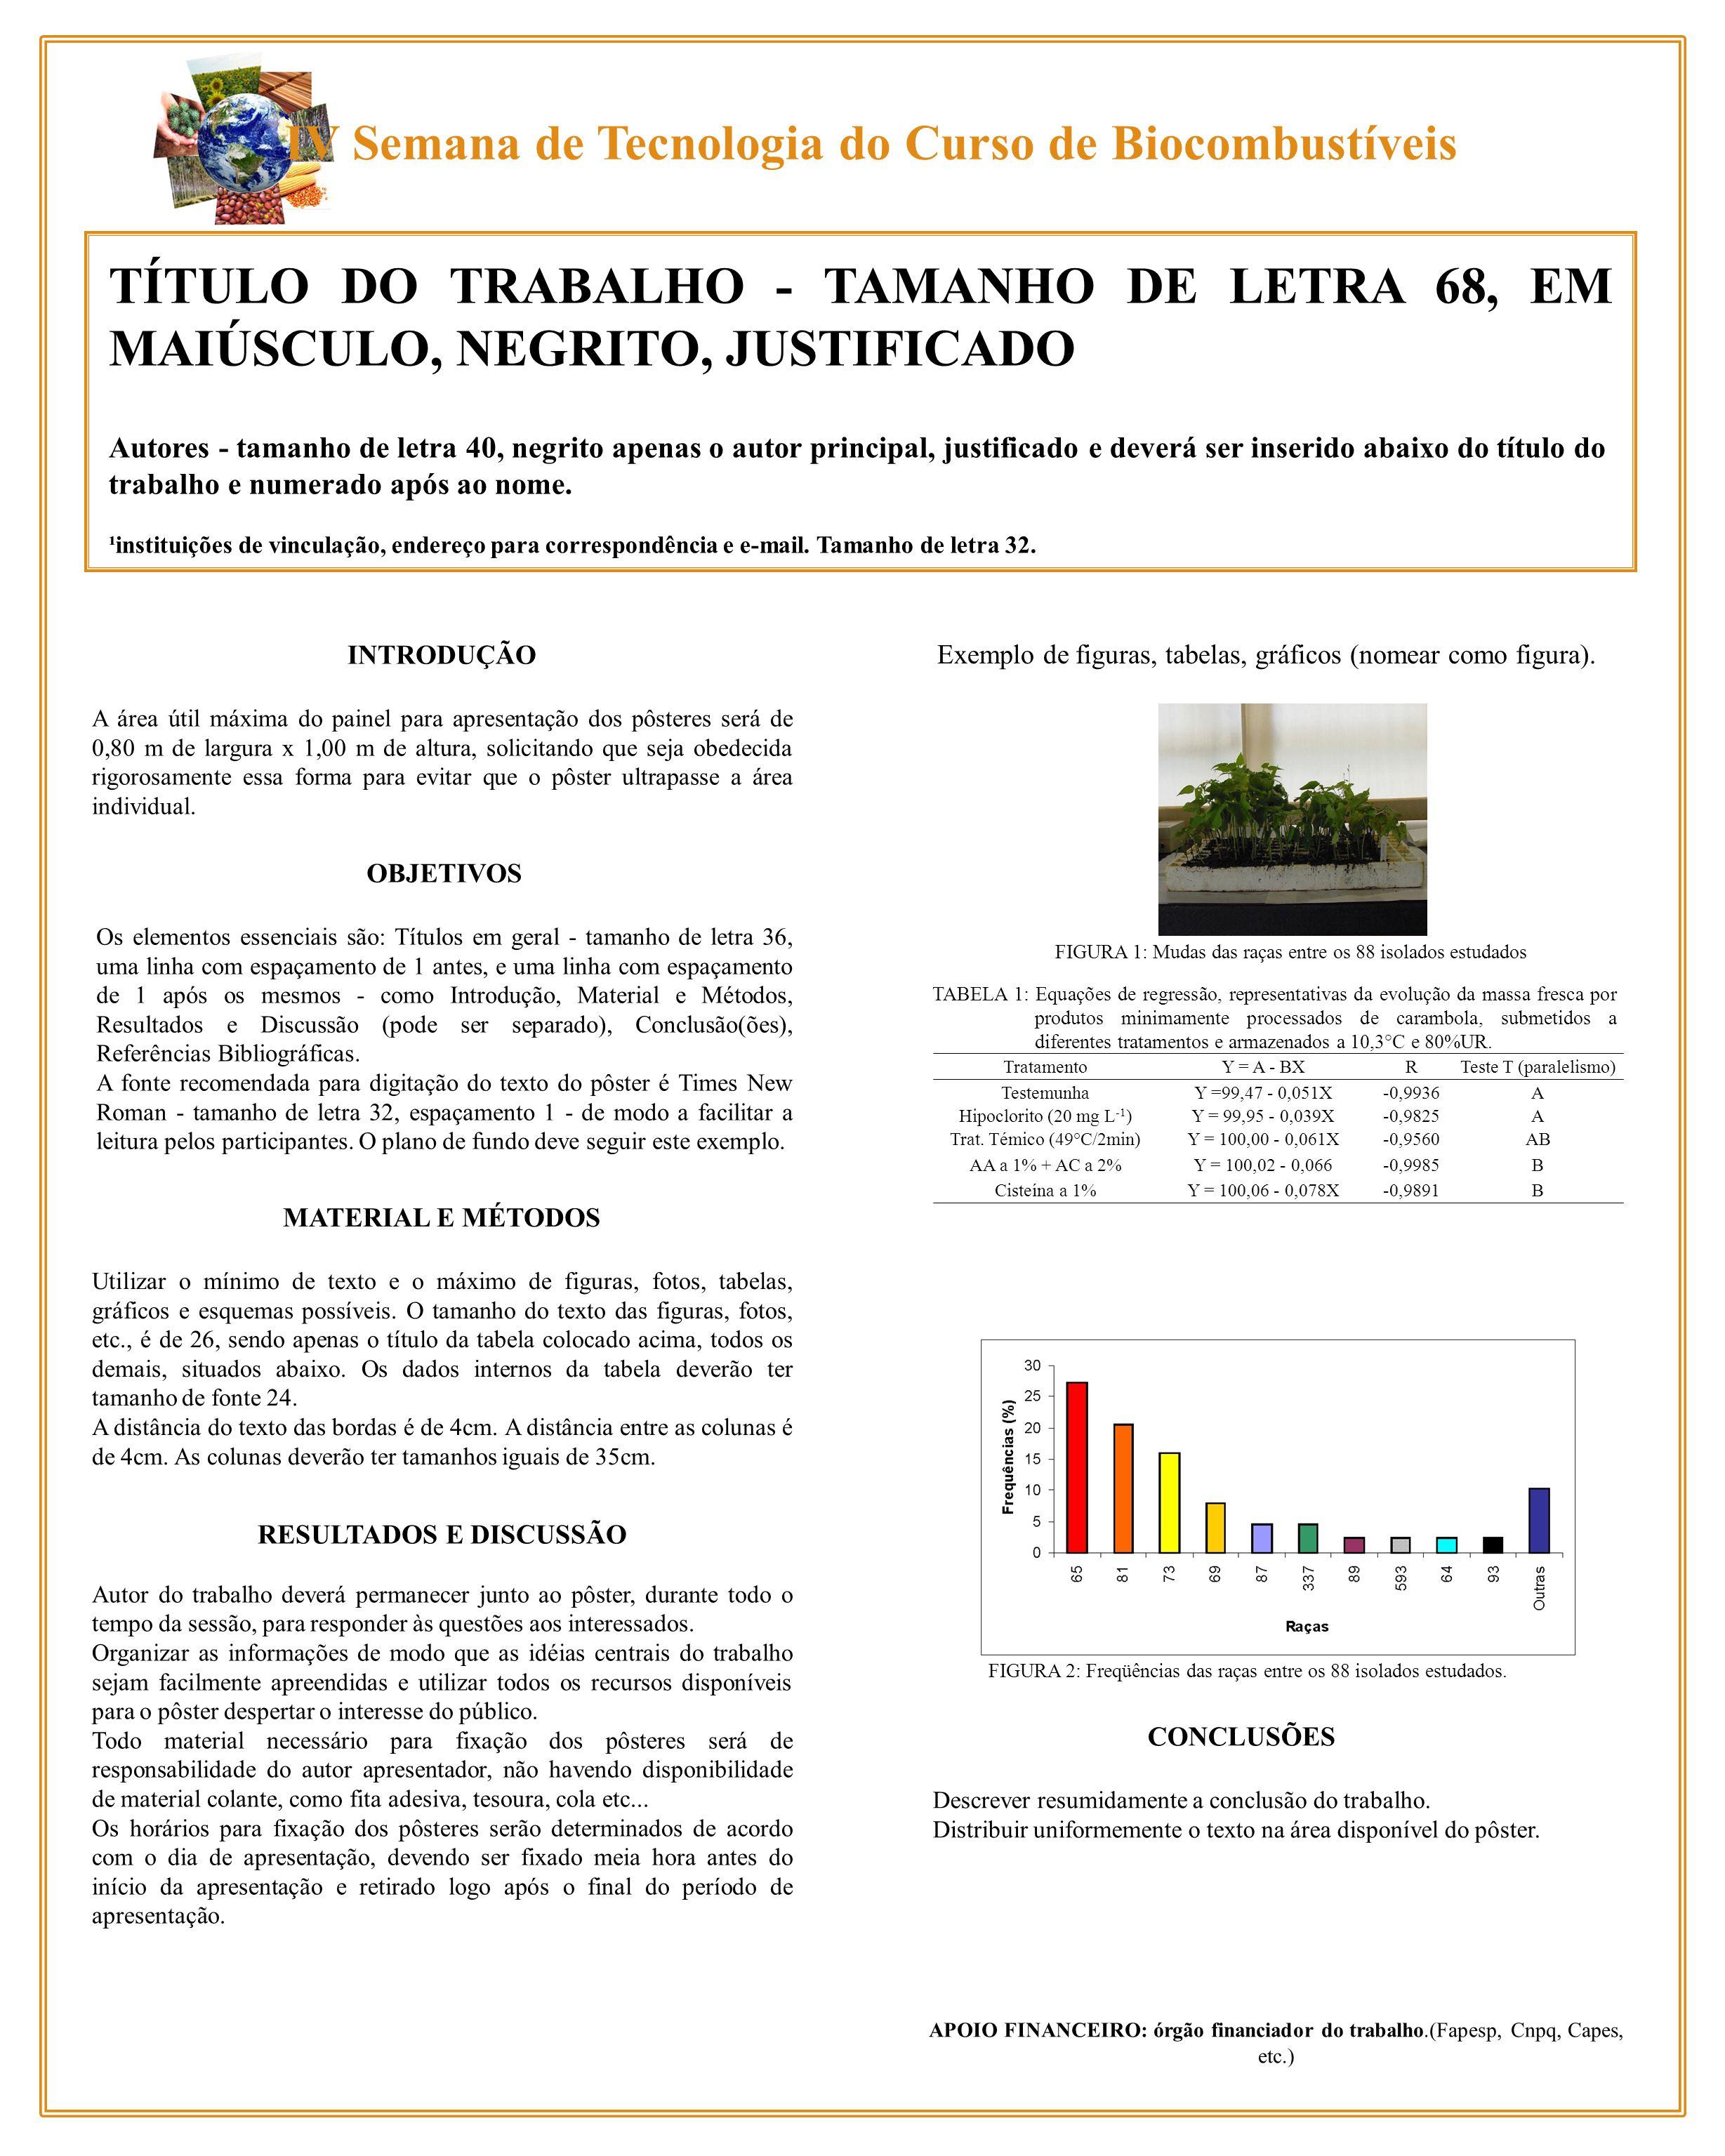 TÍTULO DO TRABALHO - TAMANHO DE LETRA 68, EM MAIÚSCULO, NEGRITO, JUSTIFICADO Autores - tamanho de letra 40, negrito apenas o autor principal, justific